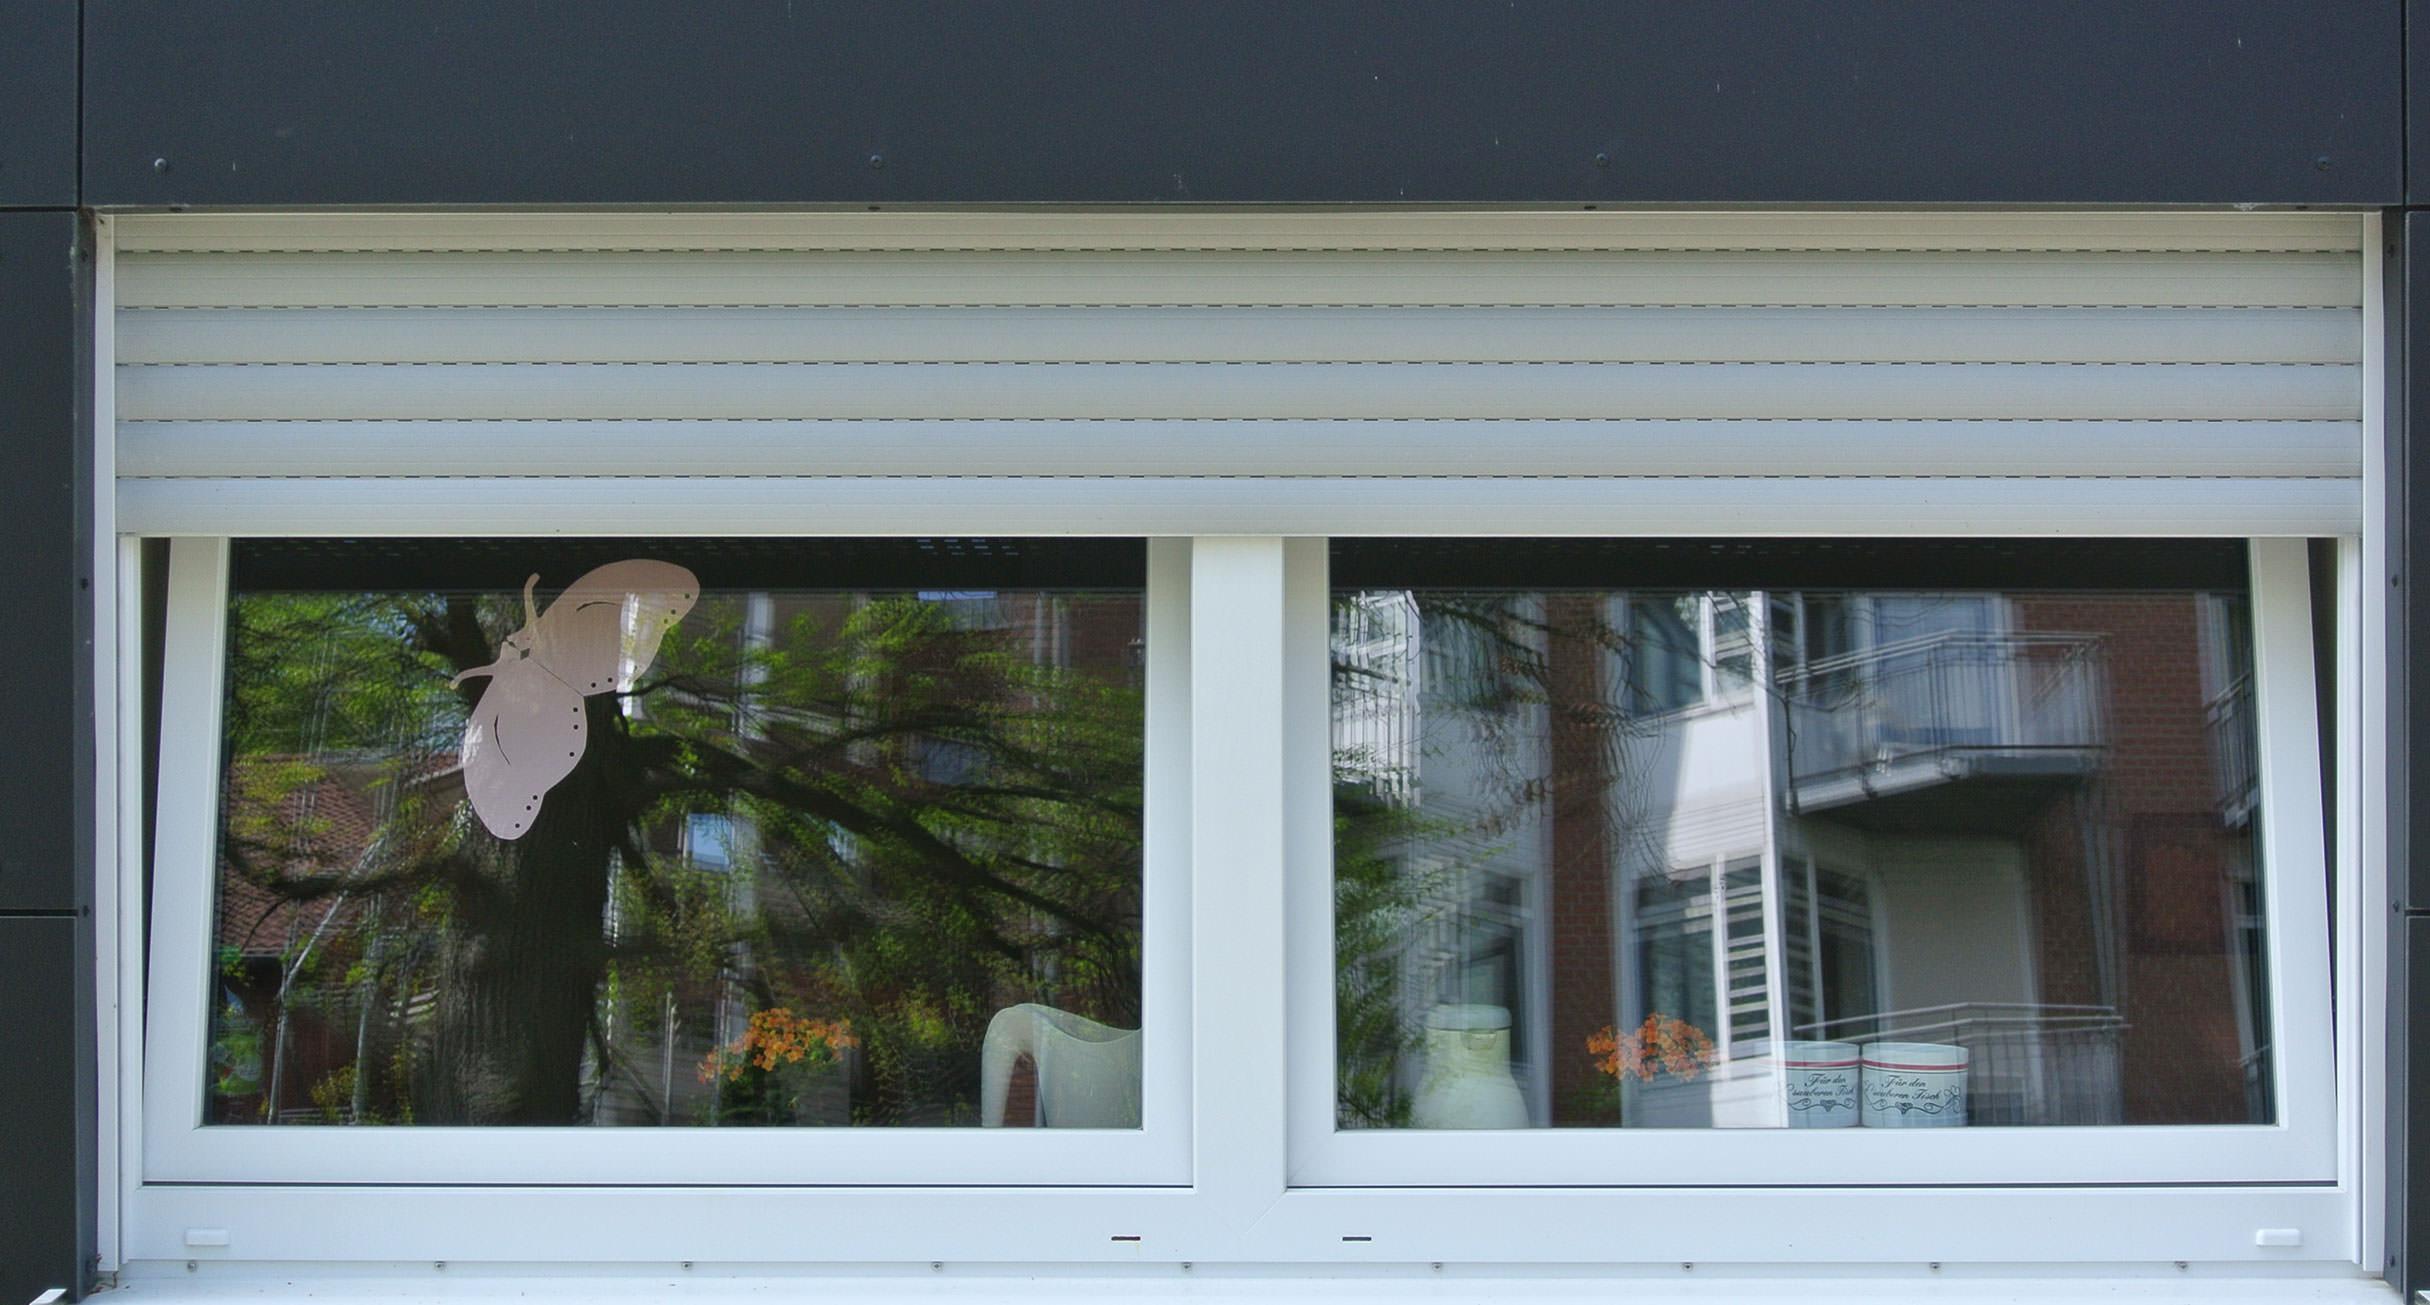 Full Size of Fenster Rolladen Rollladen Schtte Jansen Fensterbau Dänische Dachschräge Trocal Internorm Preise Anthrazit Kunststoff Rc 2 Einbruchschutzfolie Einbau Auto Fenster Fenster Rolladen